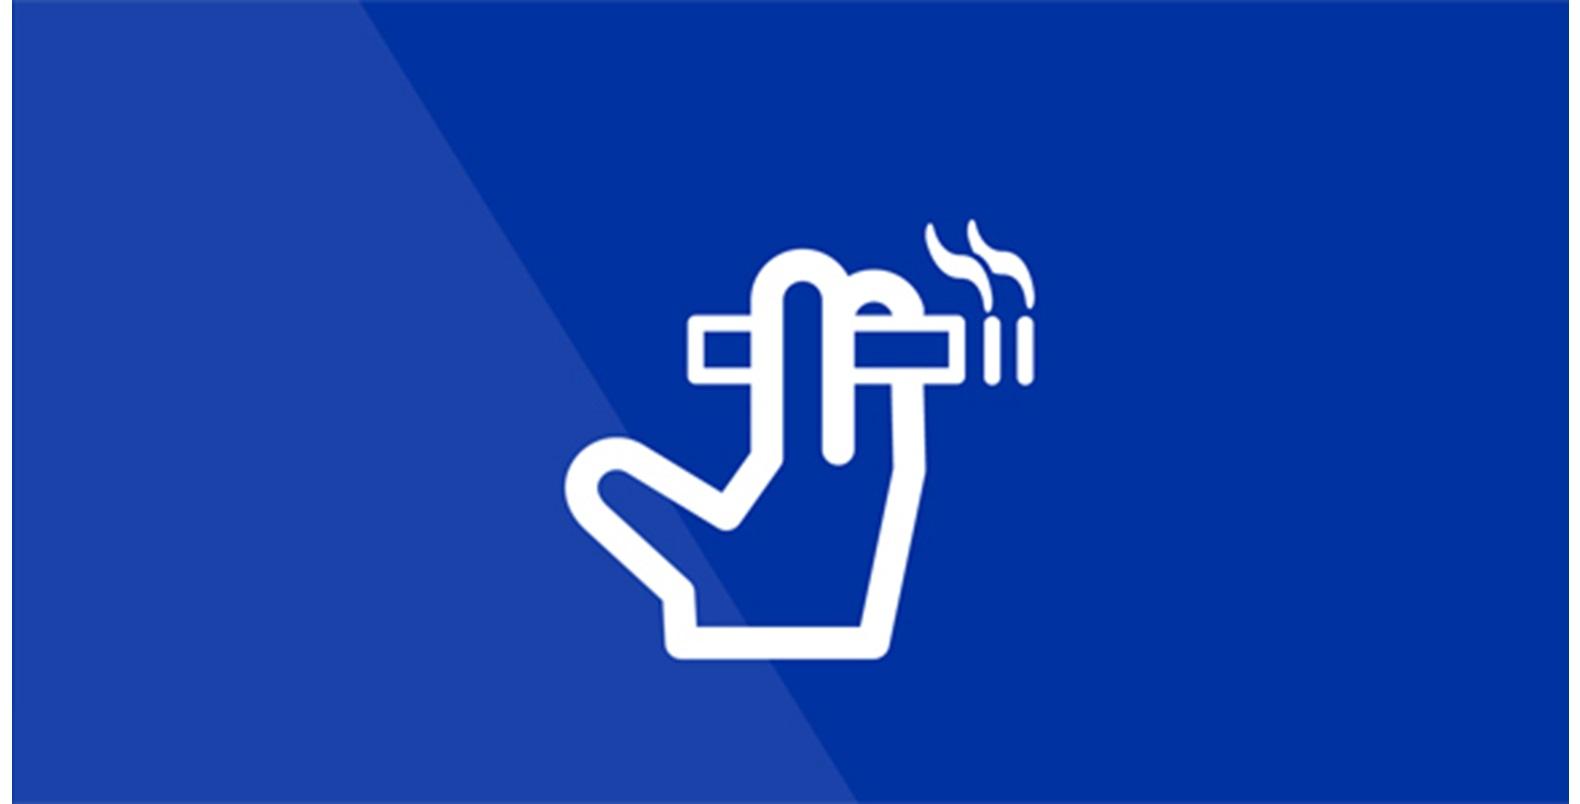 たばこを吸うと難聴になりやすくなります